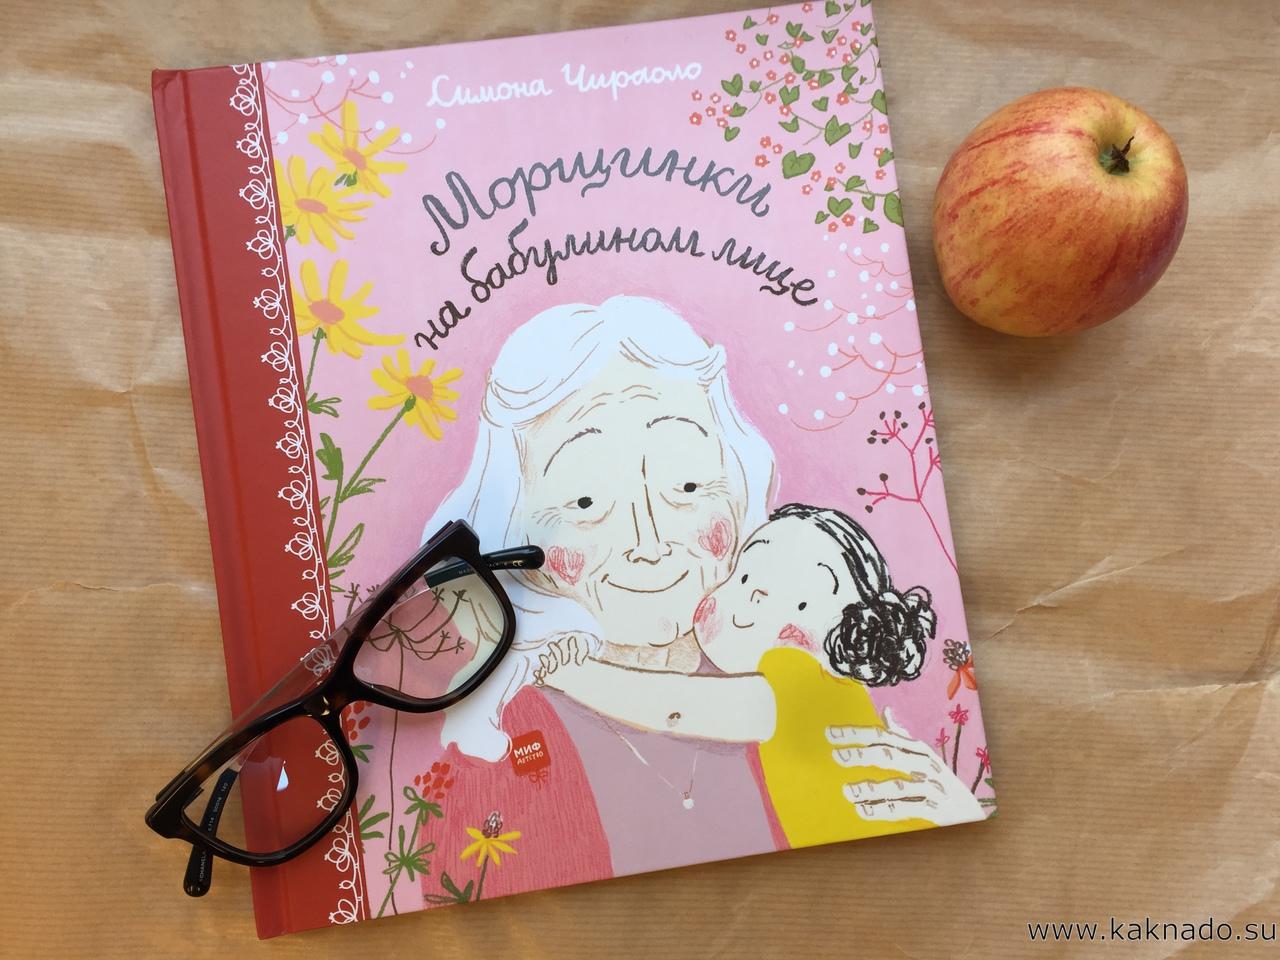 Трогательная книга про бабушку и внучку